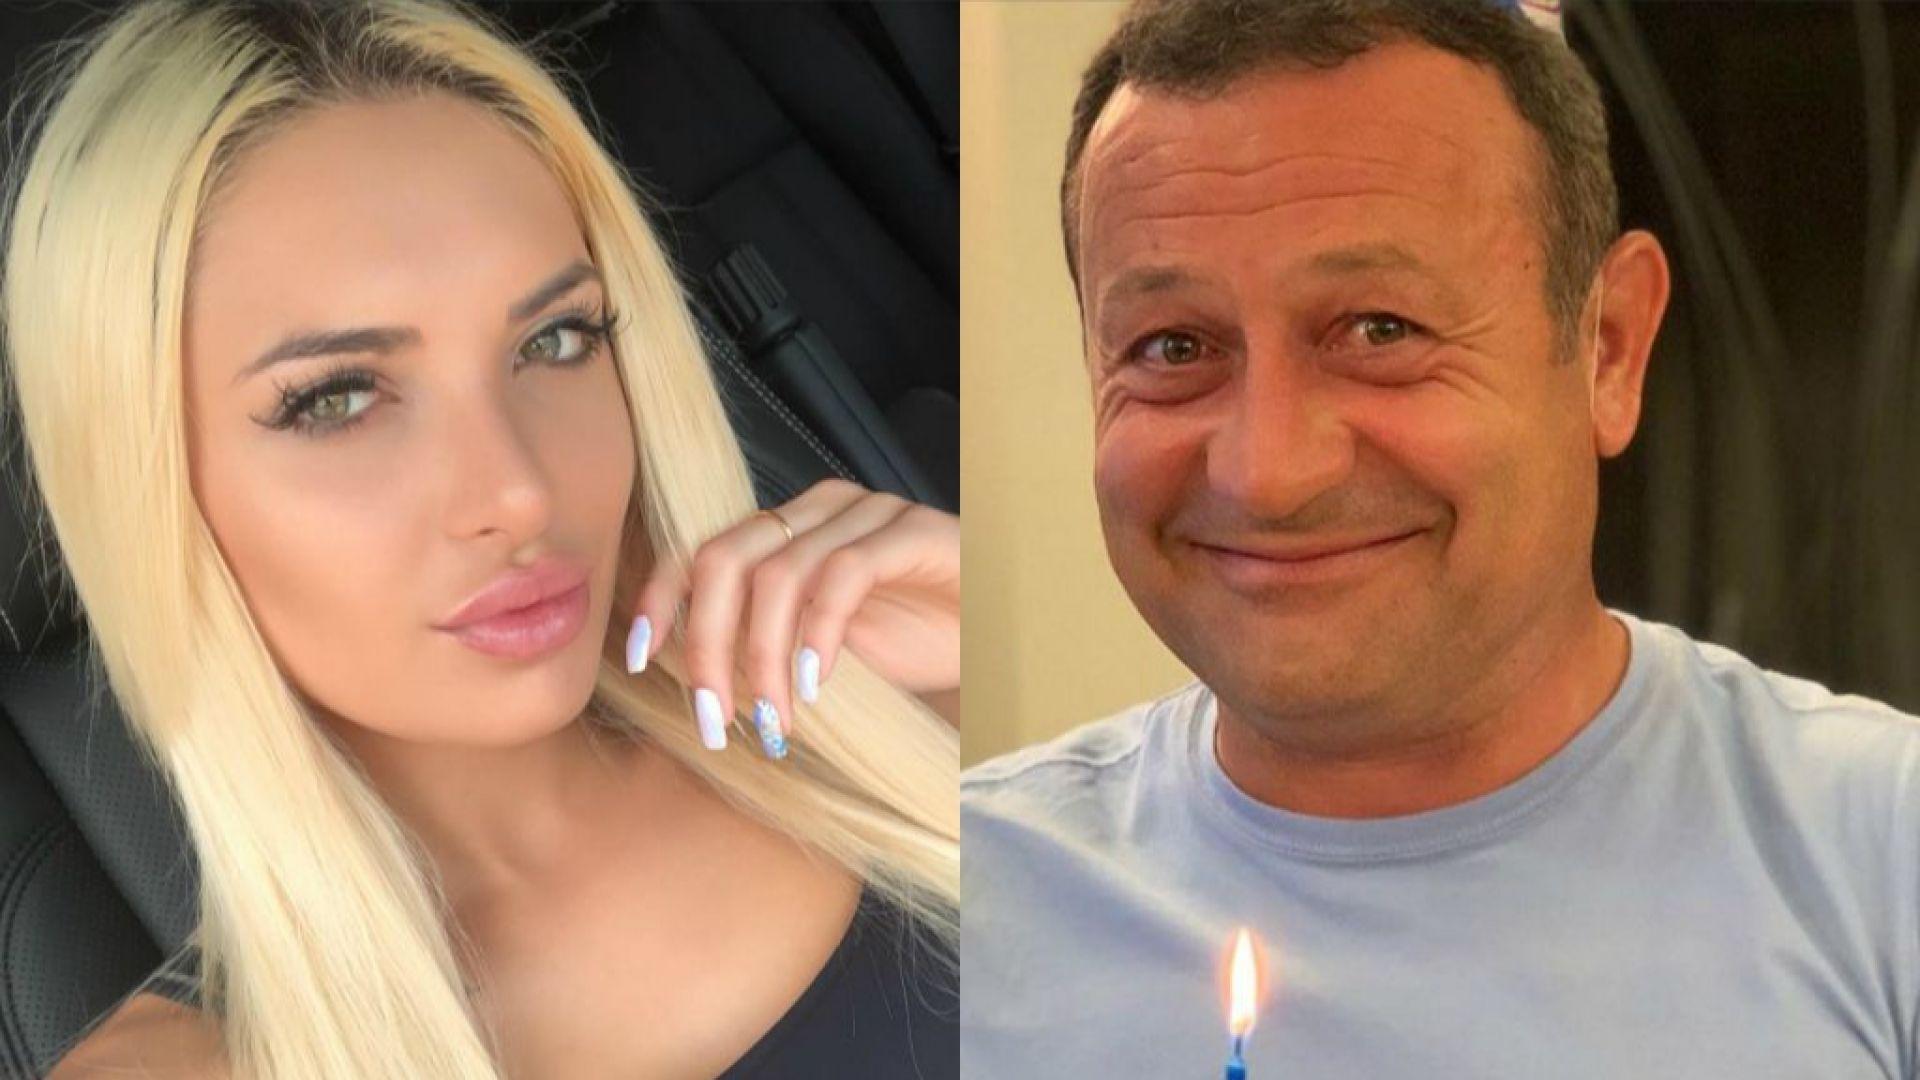 Димитър Рачков официално потвърди връзката си с плеймейтката Анита Димитрова